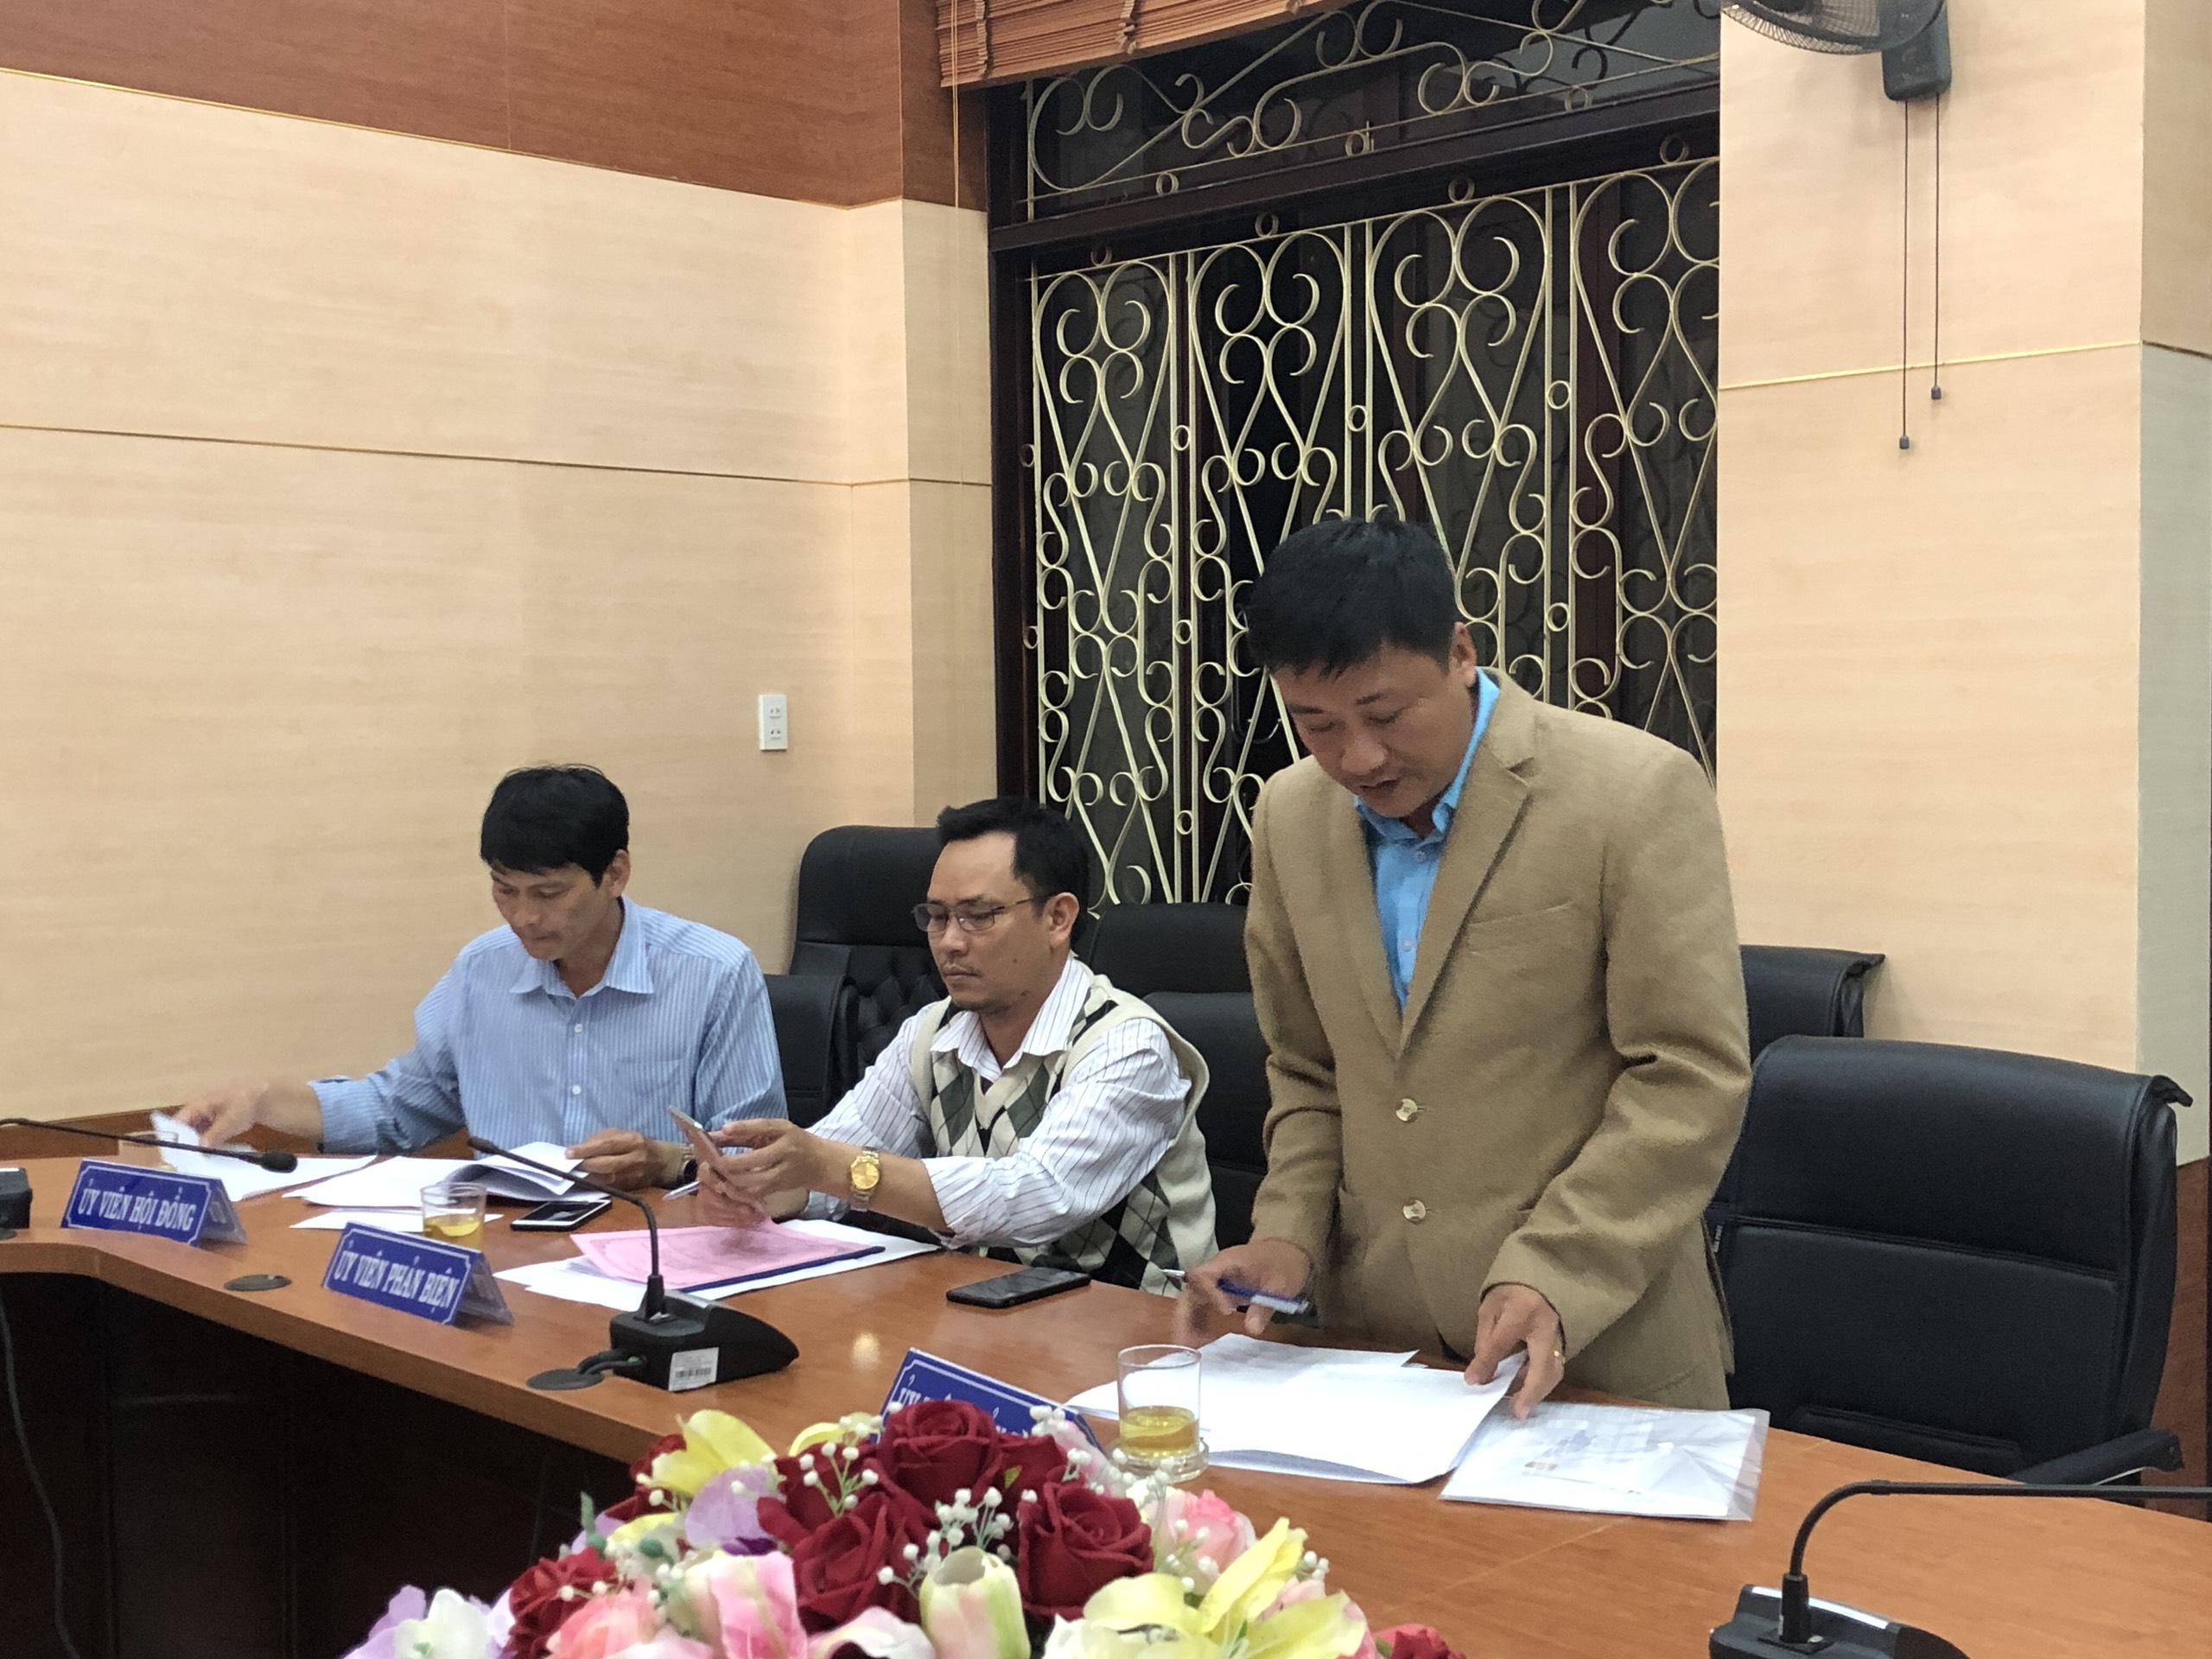 KS. Phạm Quang Anh Khôi phản biện 1